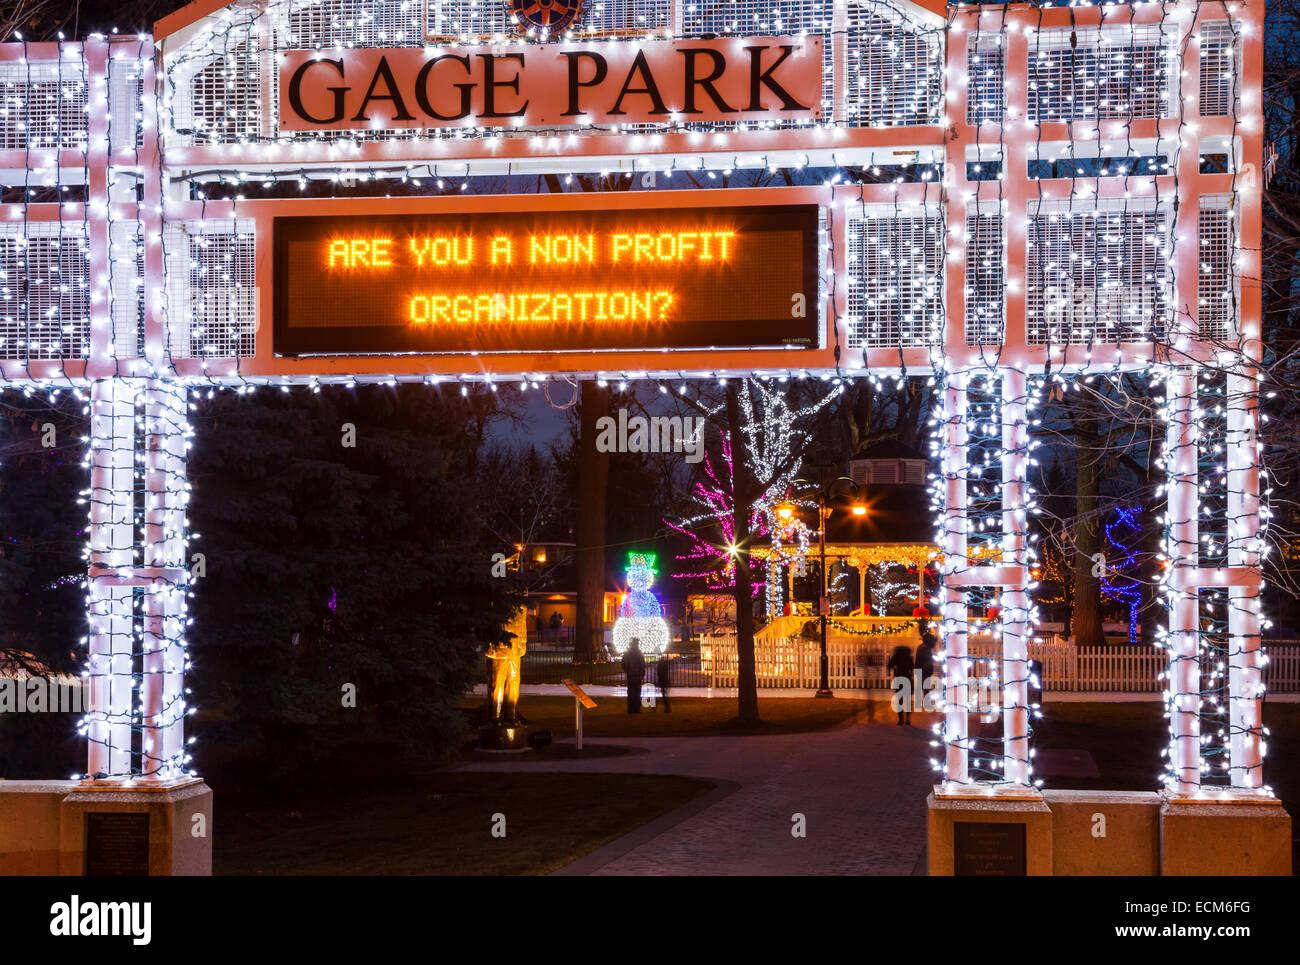 L'ingresso principale a Gage Park con un cartello luminoso nel centro cittadino di Brampton, Ontario, Canada. Immagini Stock